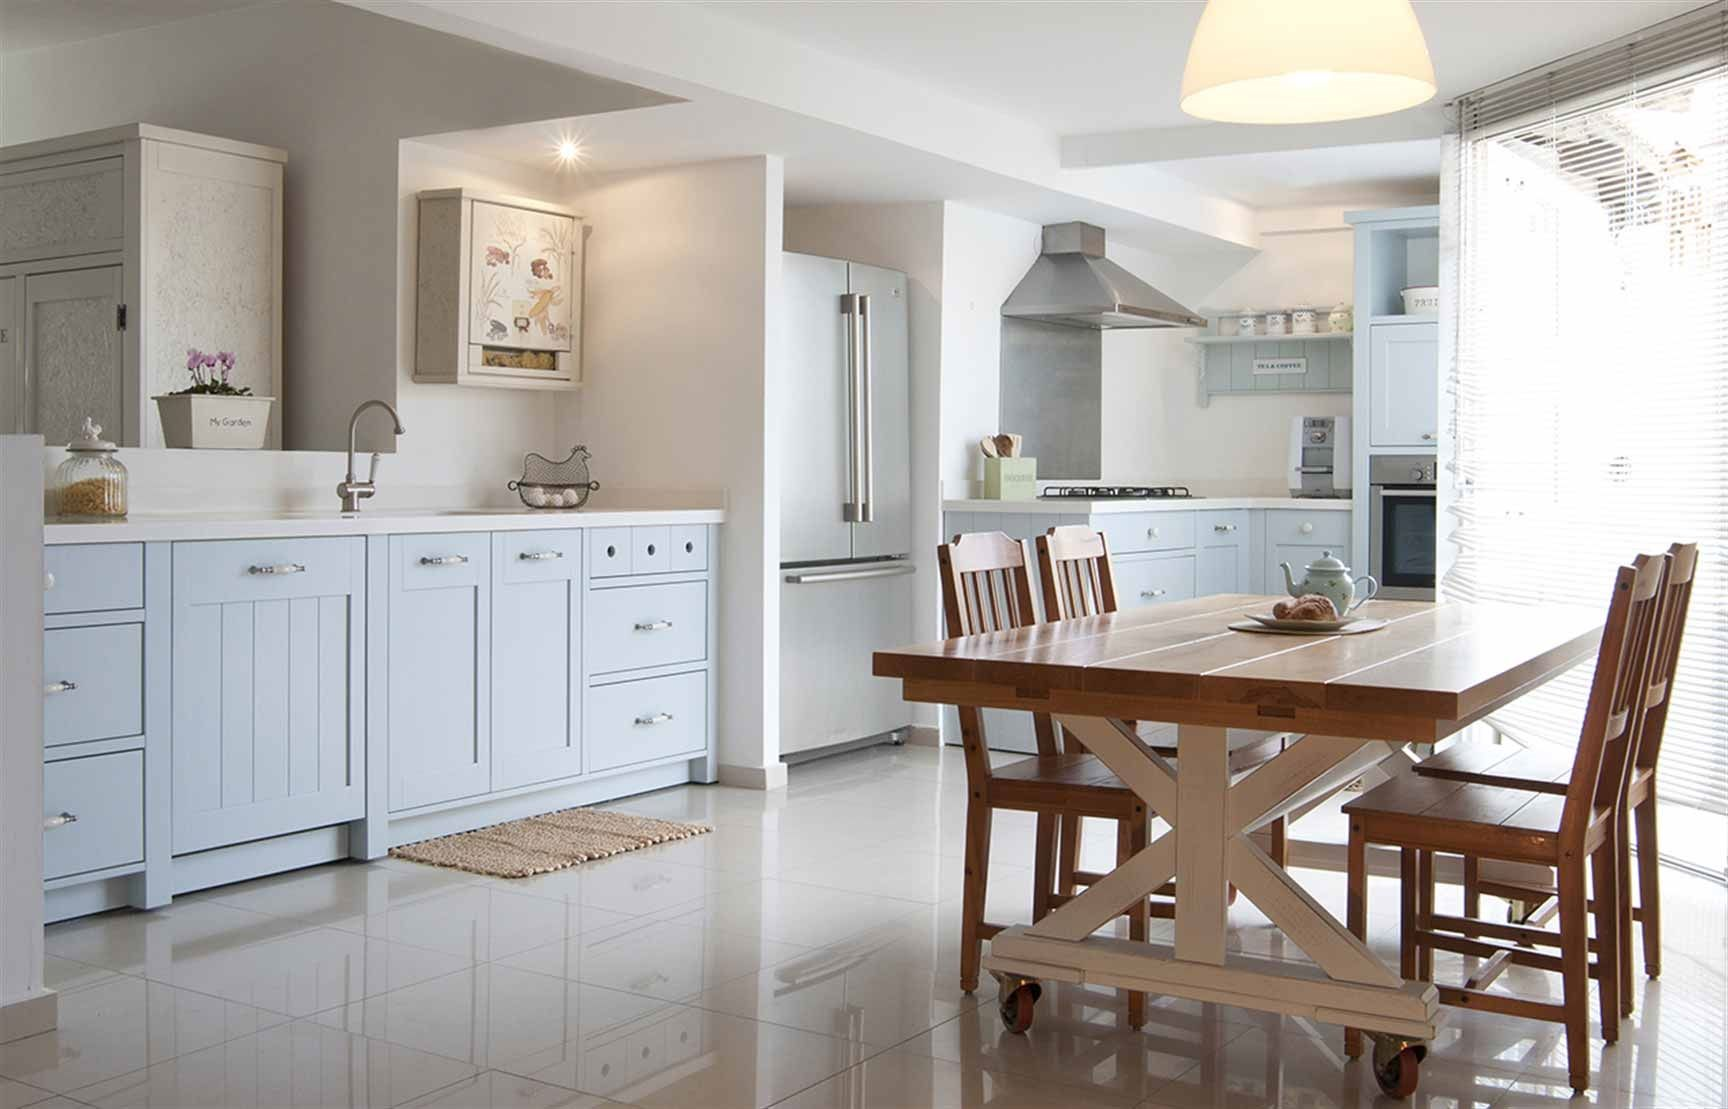 מטבחים מעוצבים | מטבח מעוצב בסגנון כפרי - פשטות מטבחים | kitchen ...